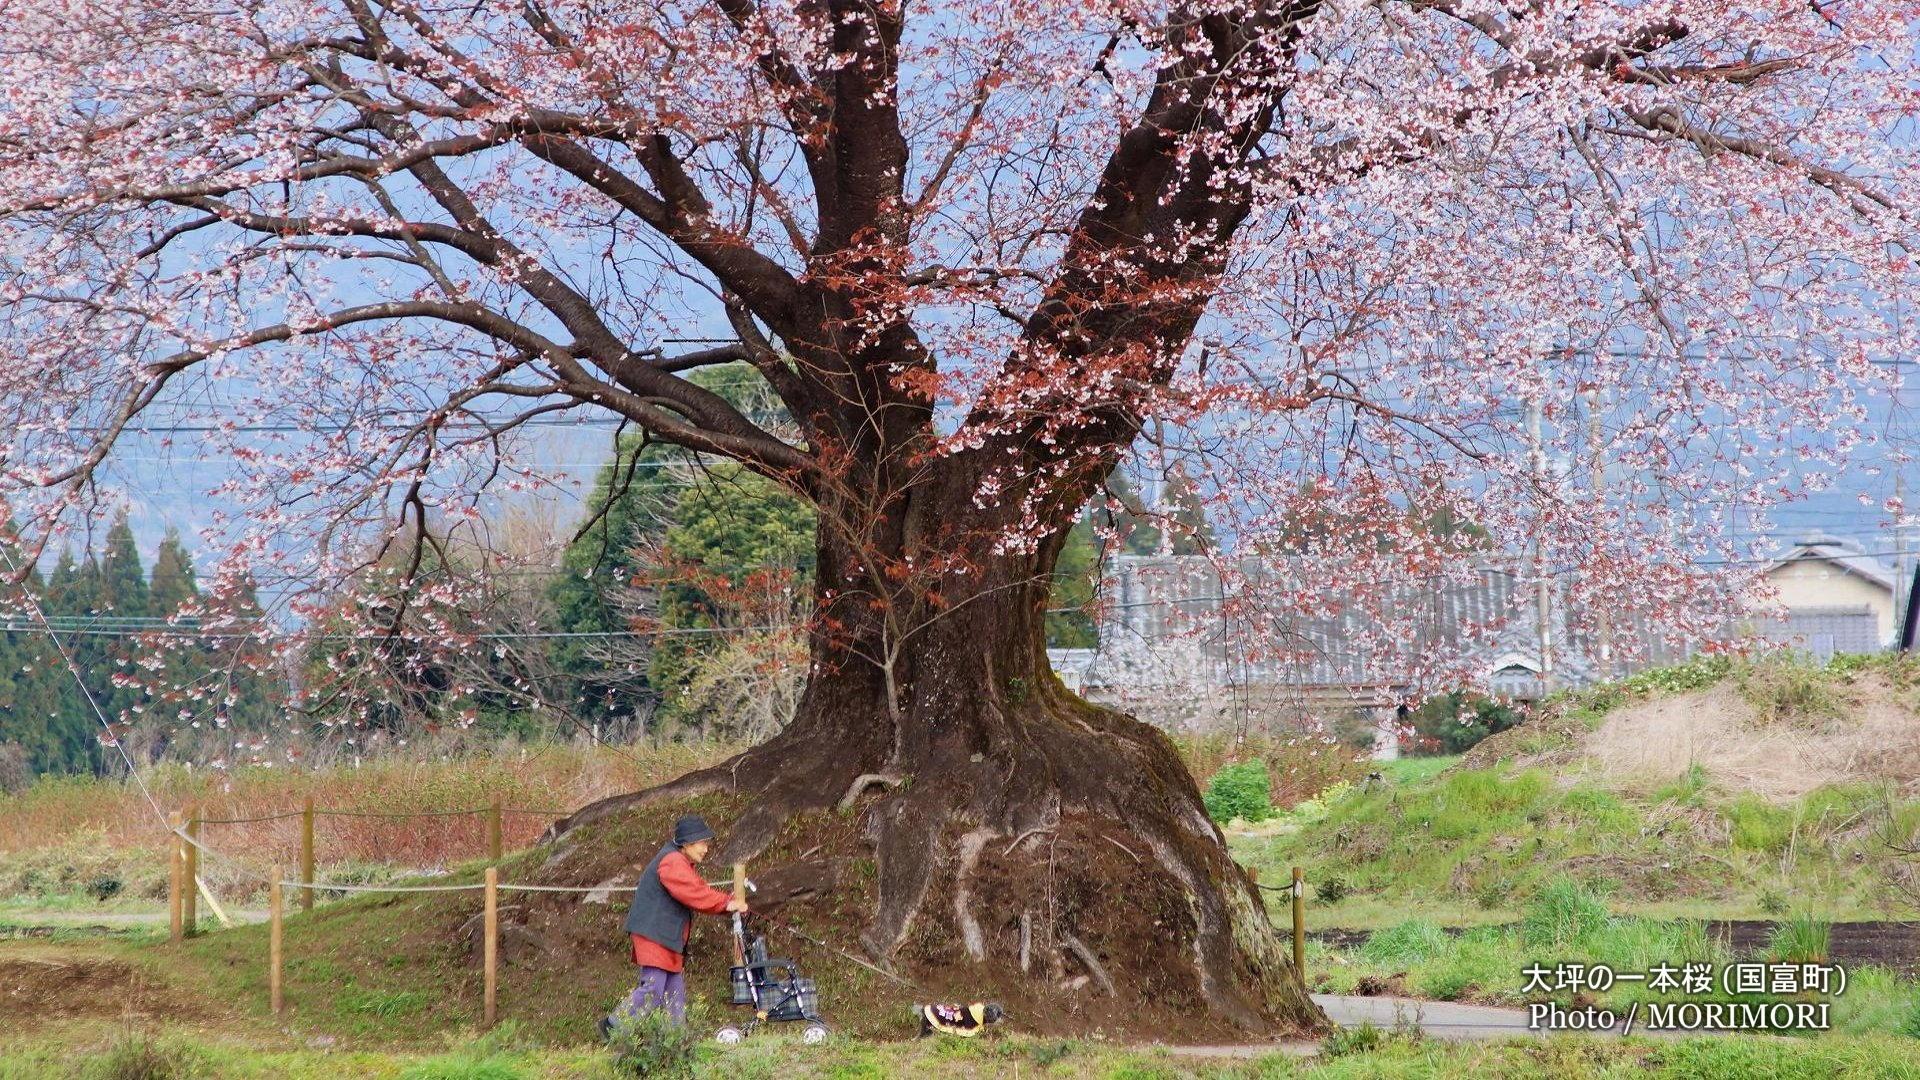 大坪の一本桜 2016年撮影